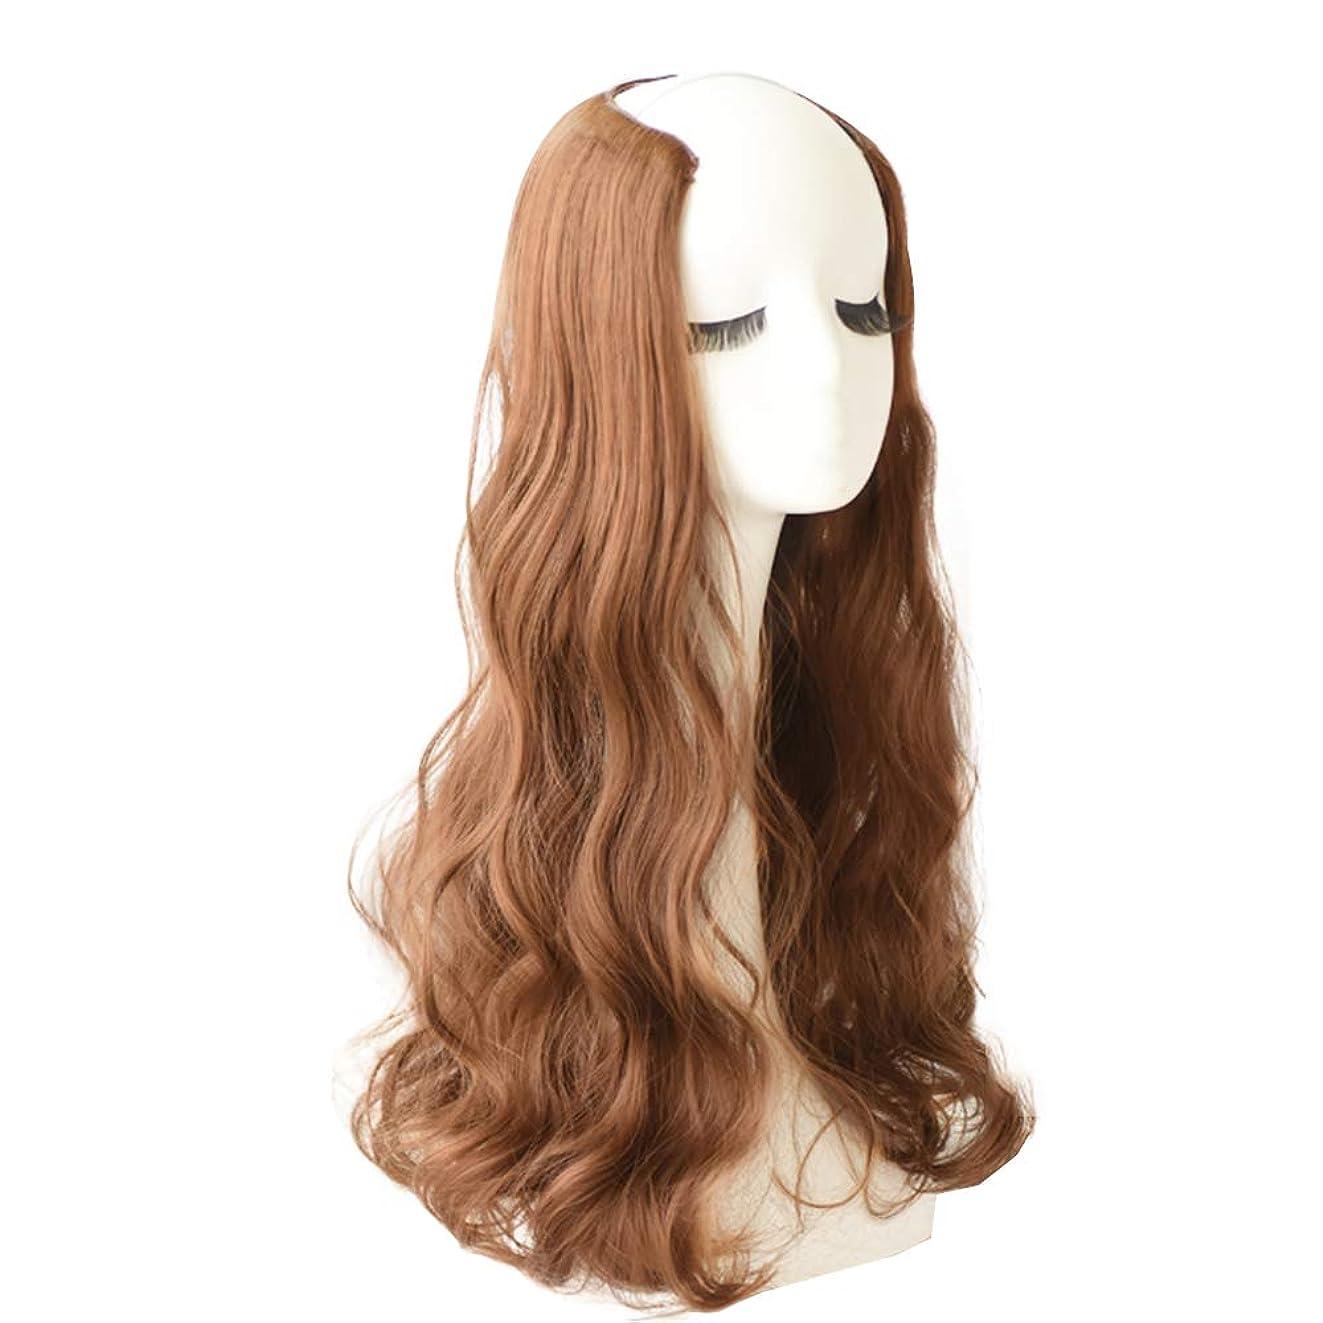 答え修理工縁フルヘッドカーリーウェーブインエクステンションヘアピース女性用新Vタイプヘアエクステンション小さいサイズと、頭皮の通気性が強い